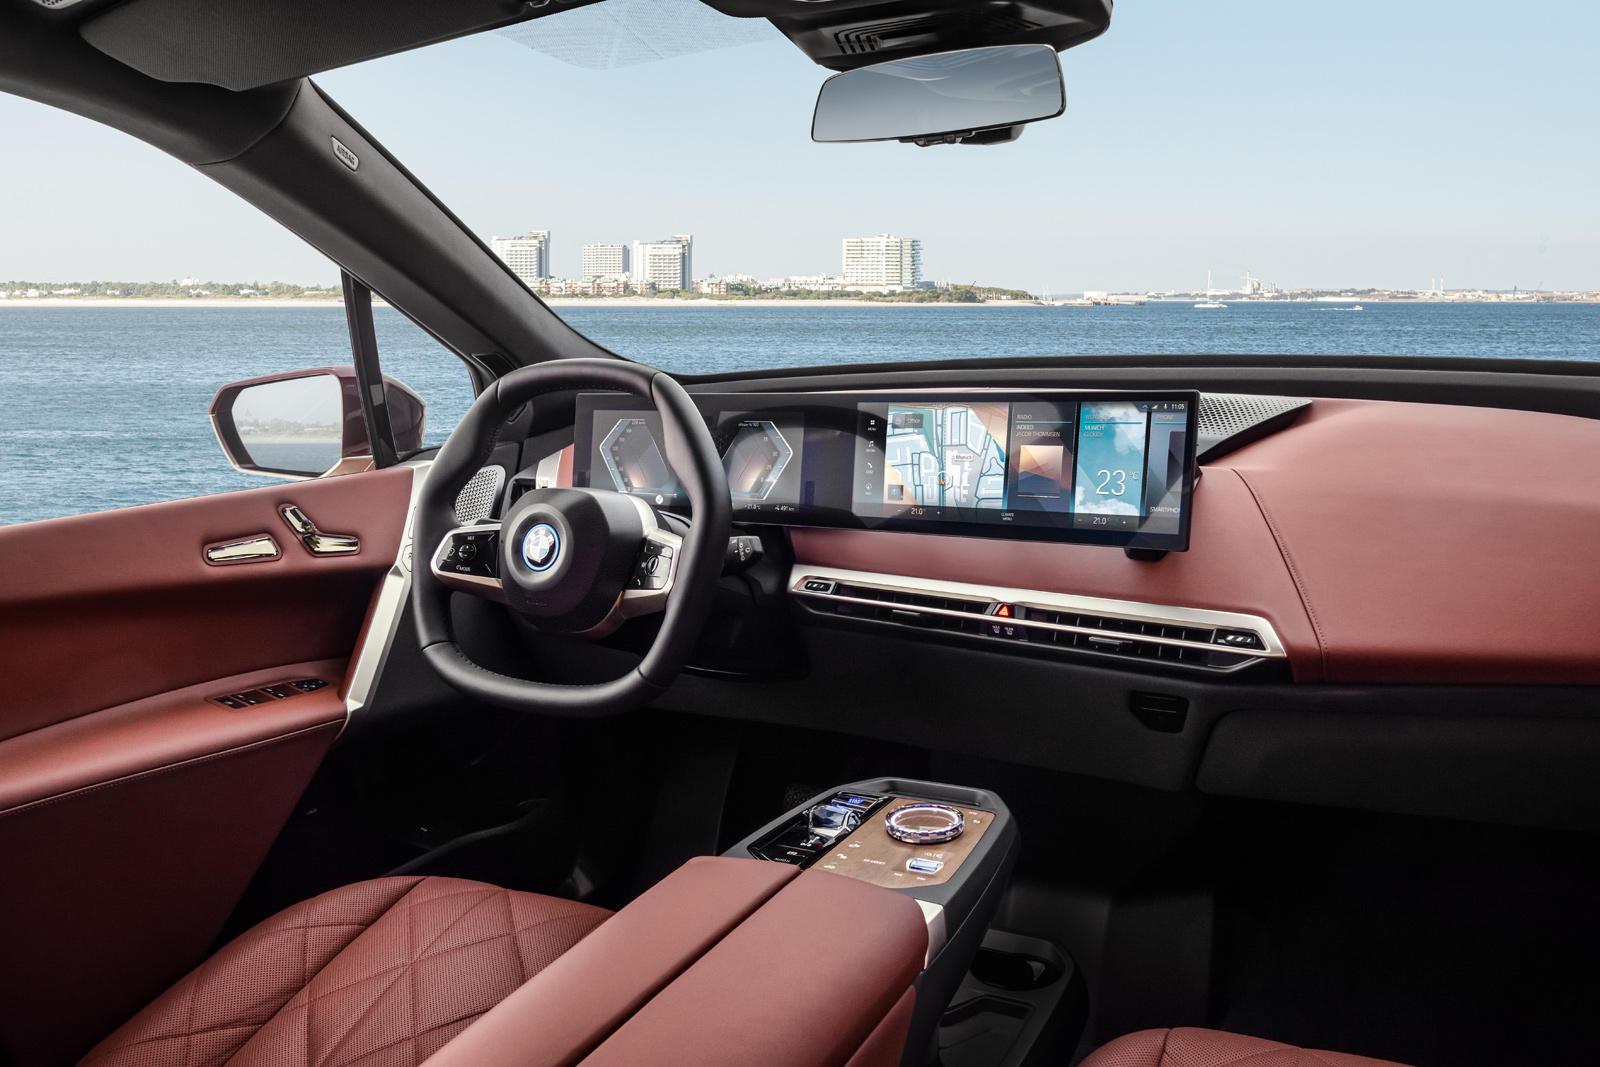 В конце прошлого года BMW вызвал критику за свои причудливые сообщения в социальных сетях, с фразами вроде «Окей, бумер». Компания пыталась отразить жалобы на то, что новый 2022 BMW iX не является «настоящим BMW», и утверждала, что ненавистники не го